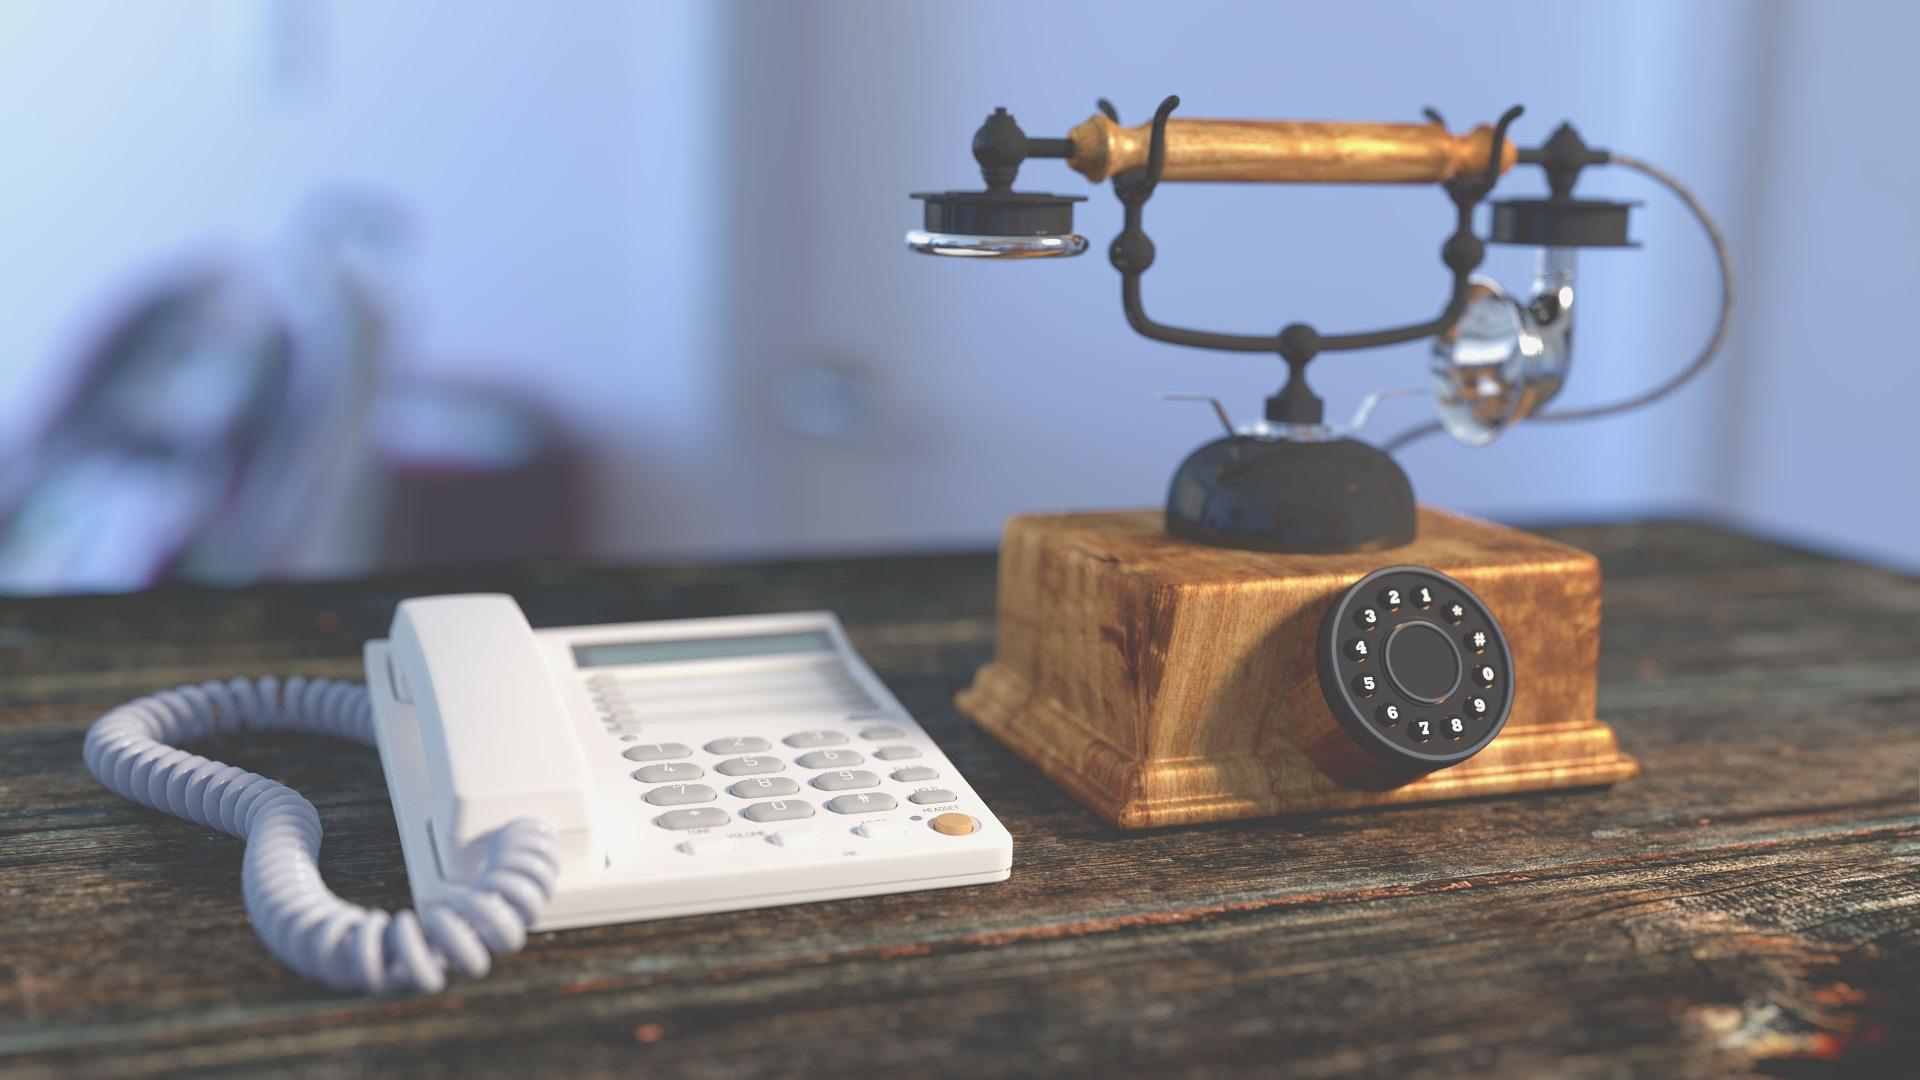 古い昔の電話機と最新の電話機